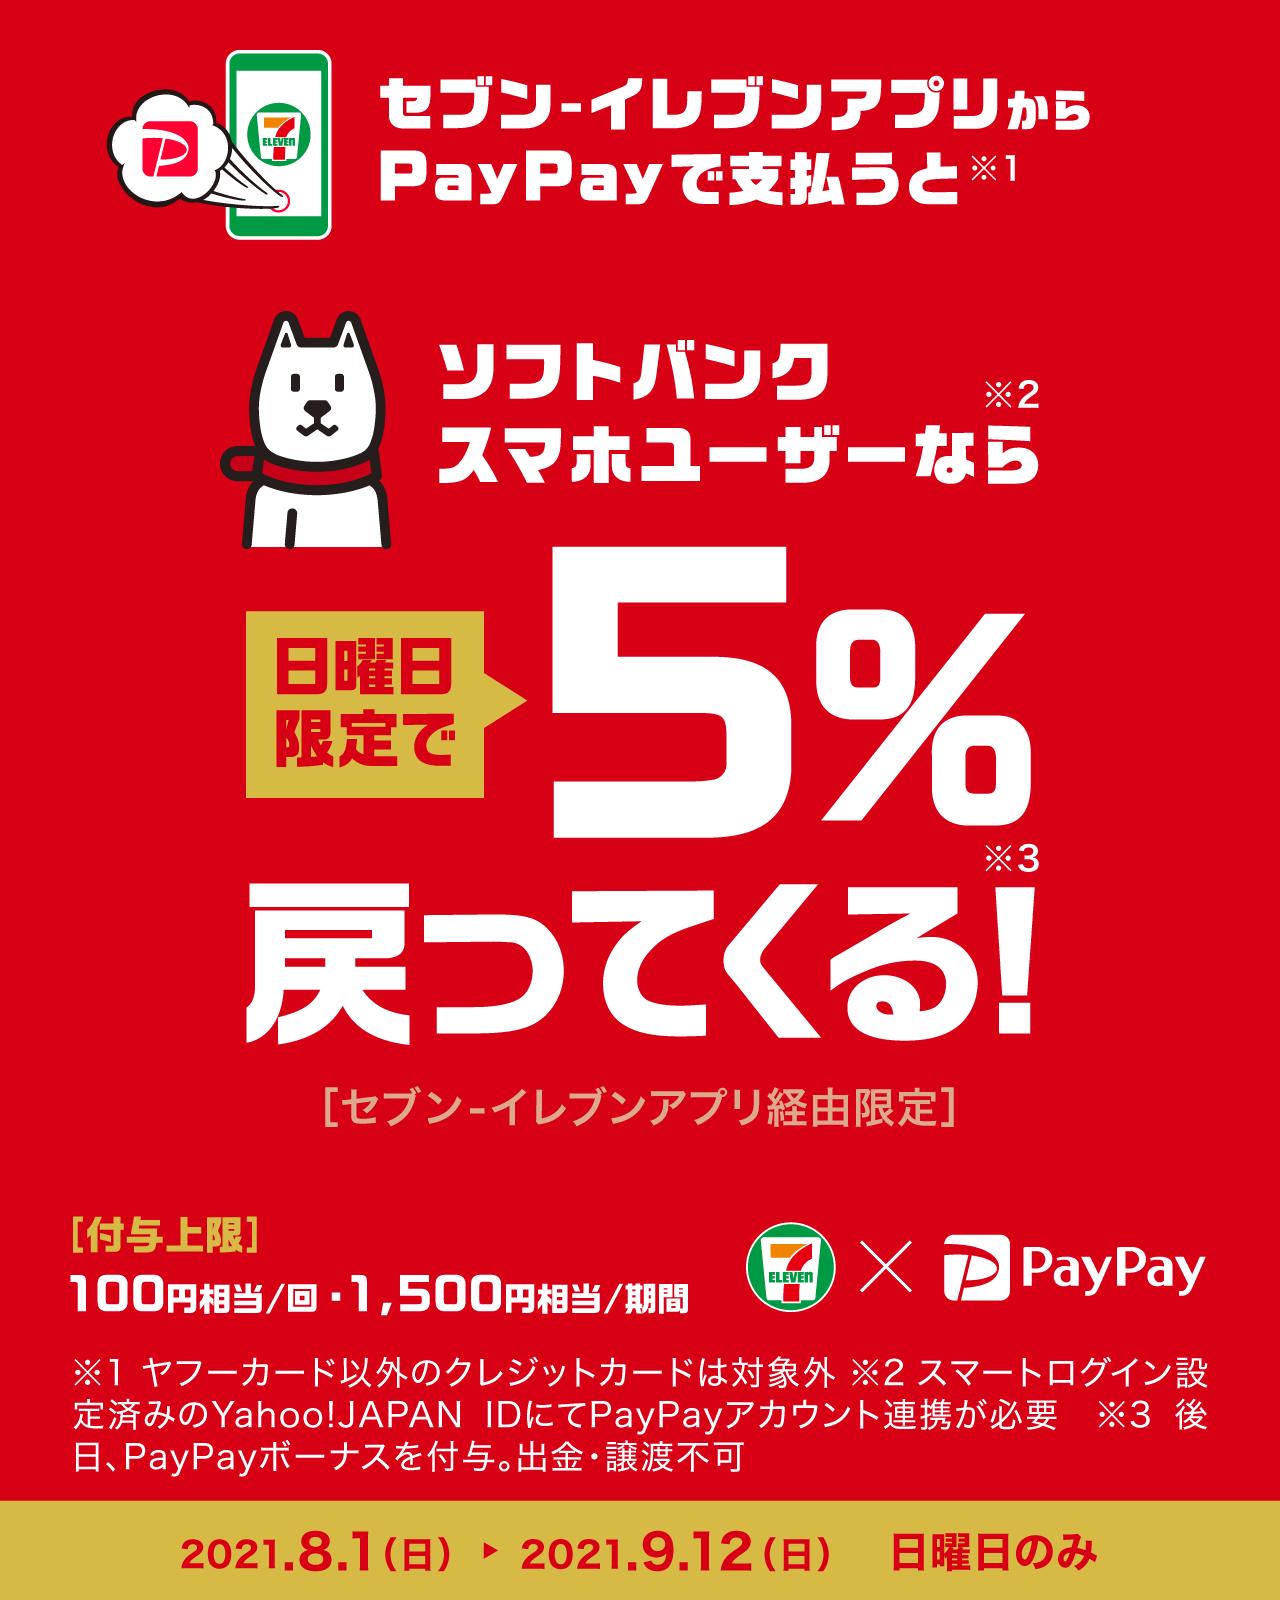 セブン-イレブンアプリからPayPayで支払うとソフトバンクスマホユーザーなら日曜日限定で5%戻ってくる!